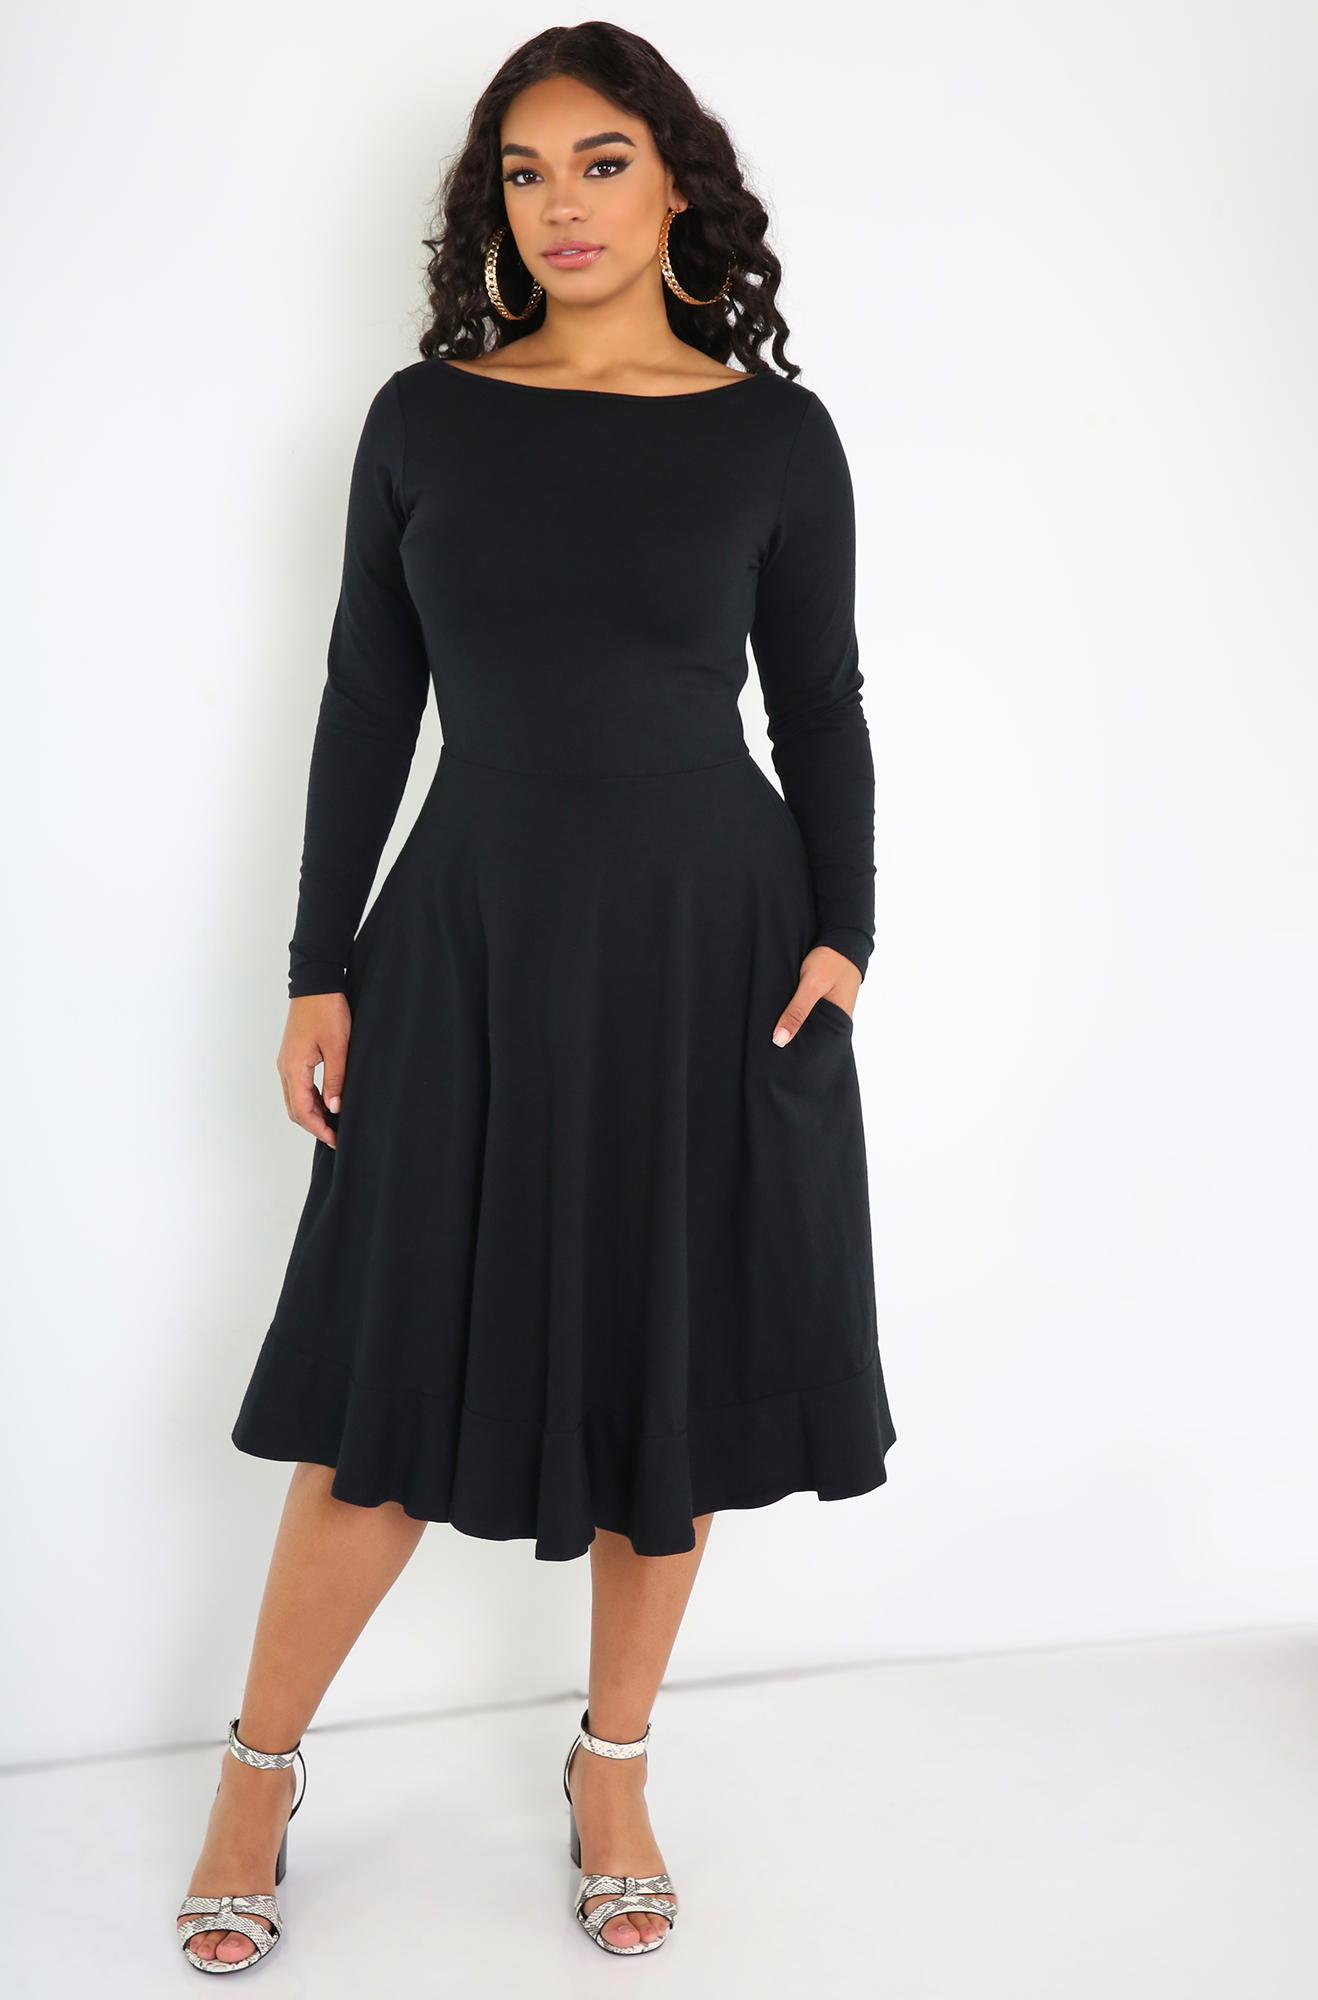 Rebdolls Skater Midi Dress With Pockets Plus Size Black Dresses Dresses Midi Dress [ 2000 x 1318 Pixel ]